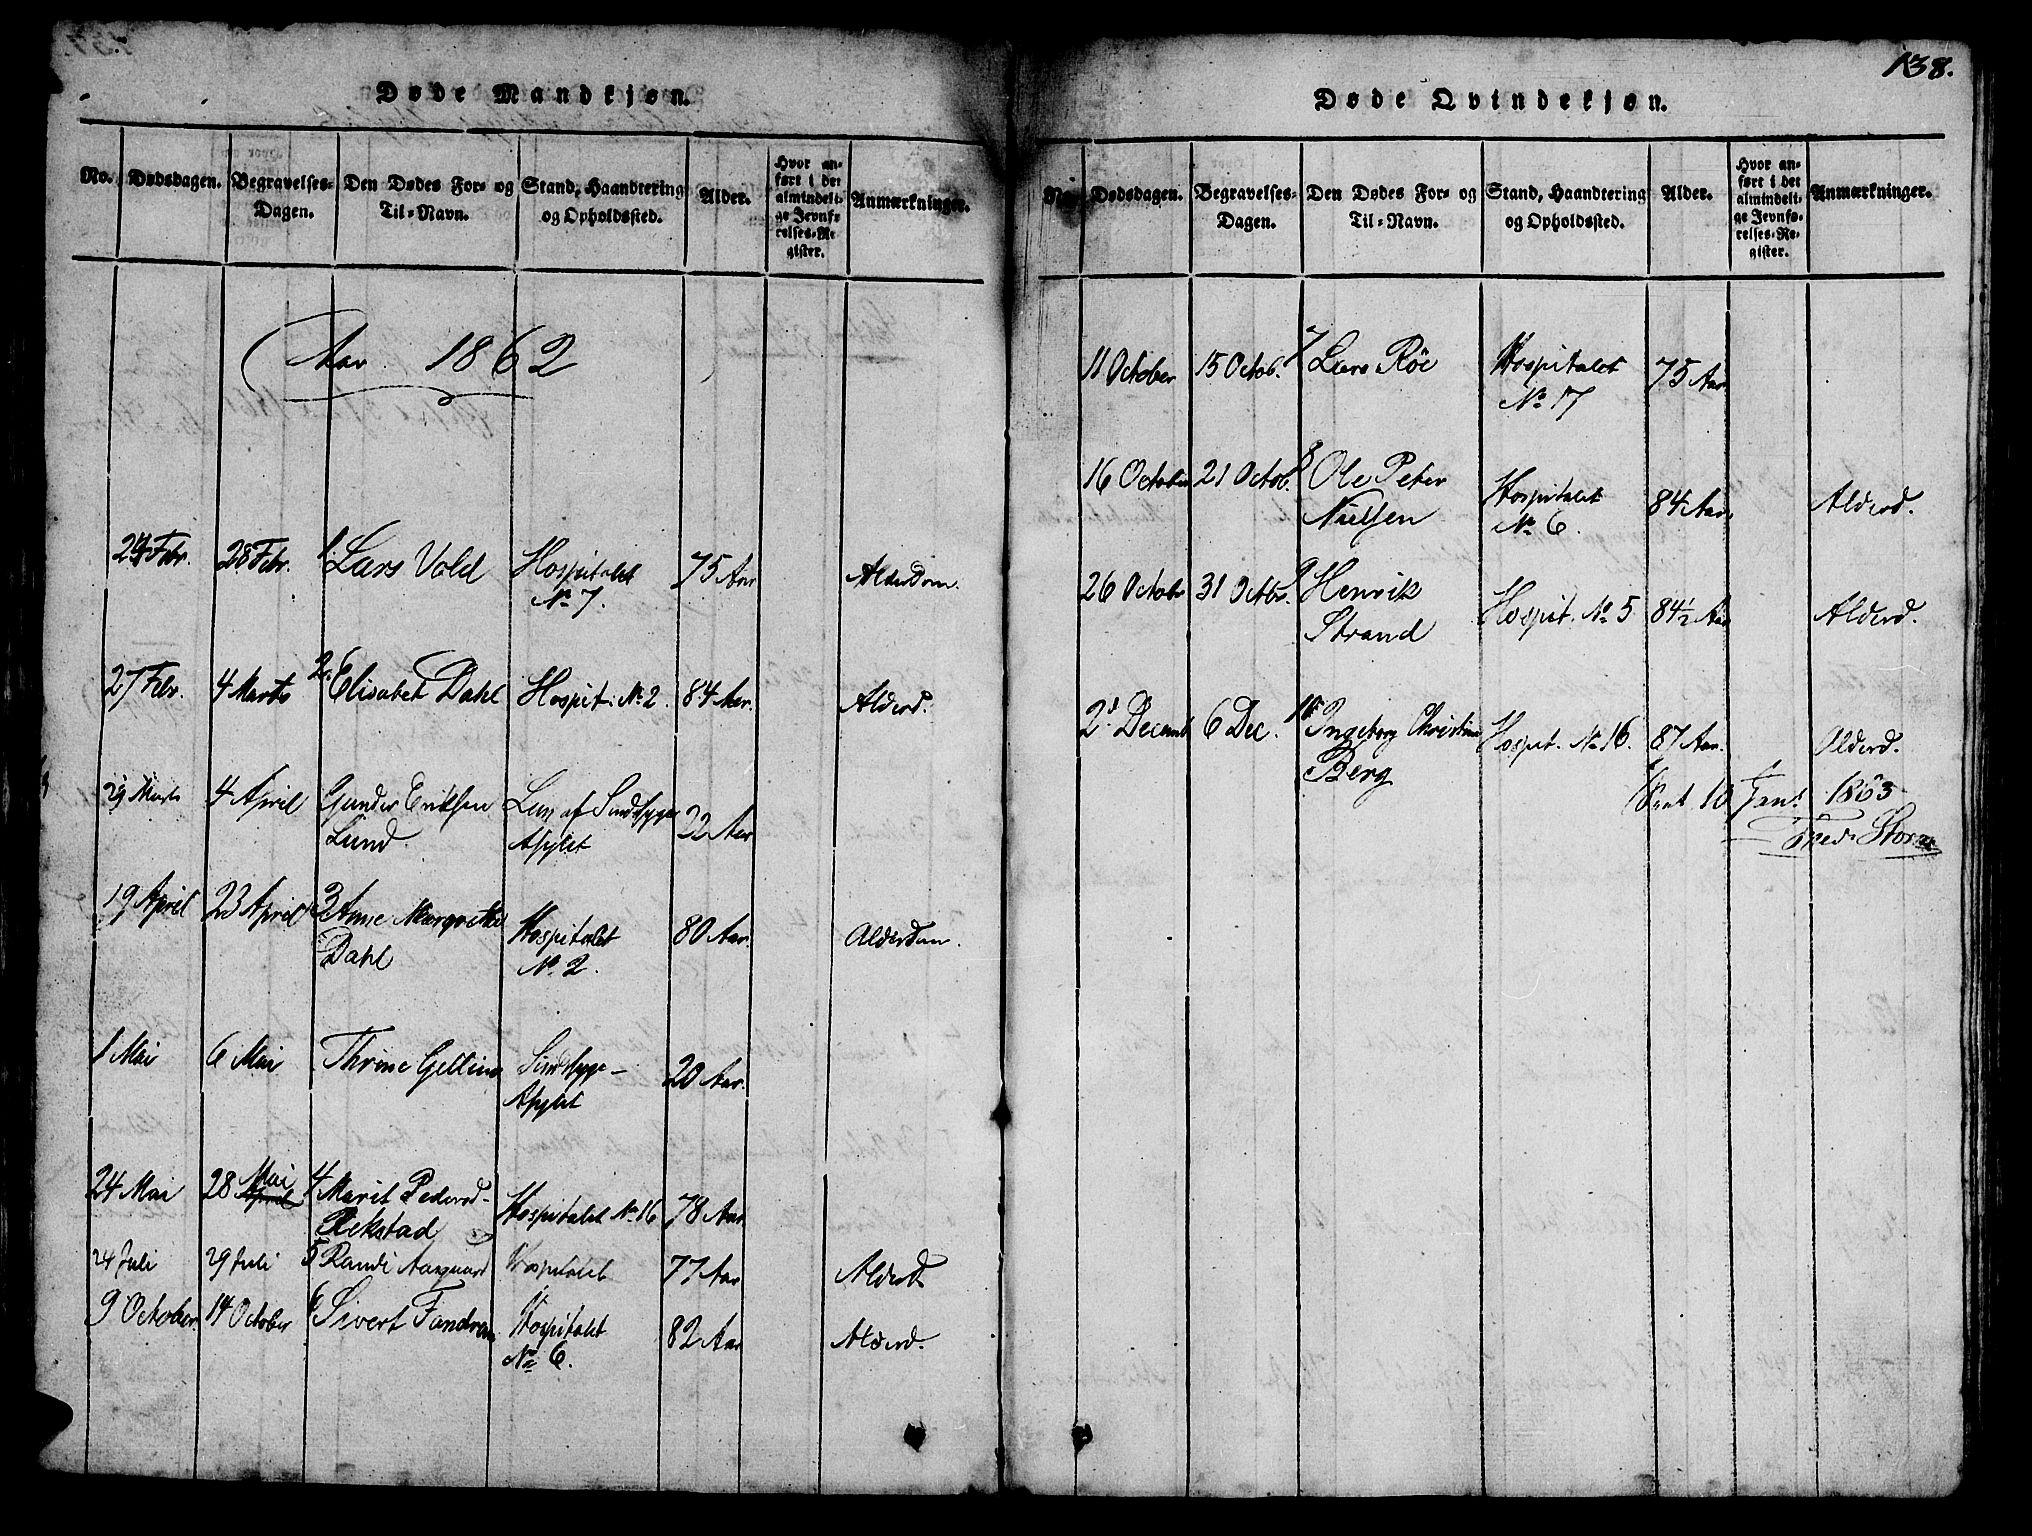 SAT, Ministerialprotokoller, klokkerbøker og fødselsregistre - Sør-Trøndelag, 623/L0478: Klokkerbok nr. 623C01, 1815-1873, s. 138